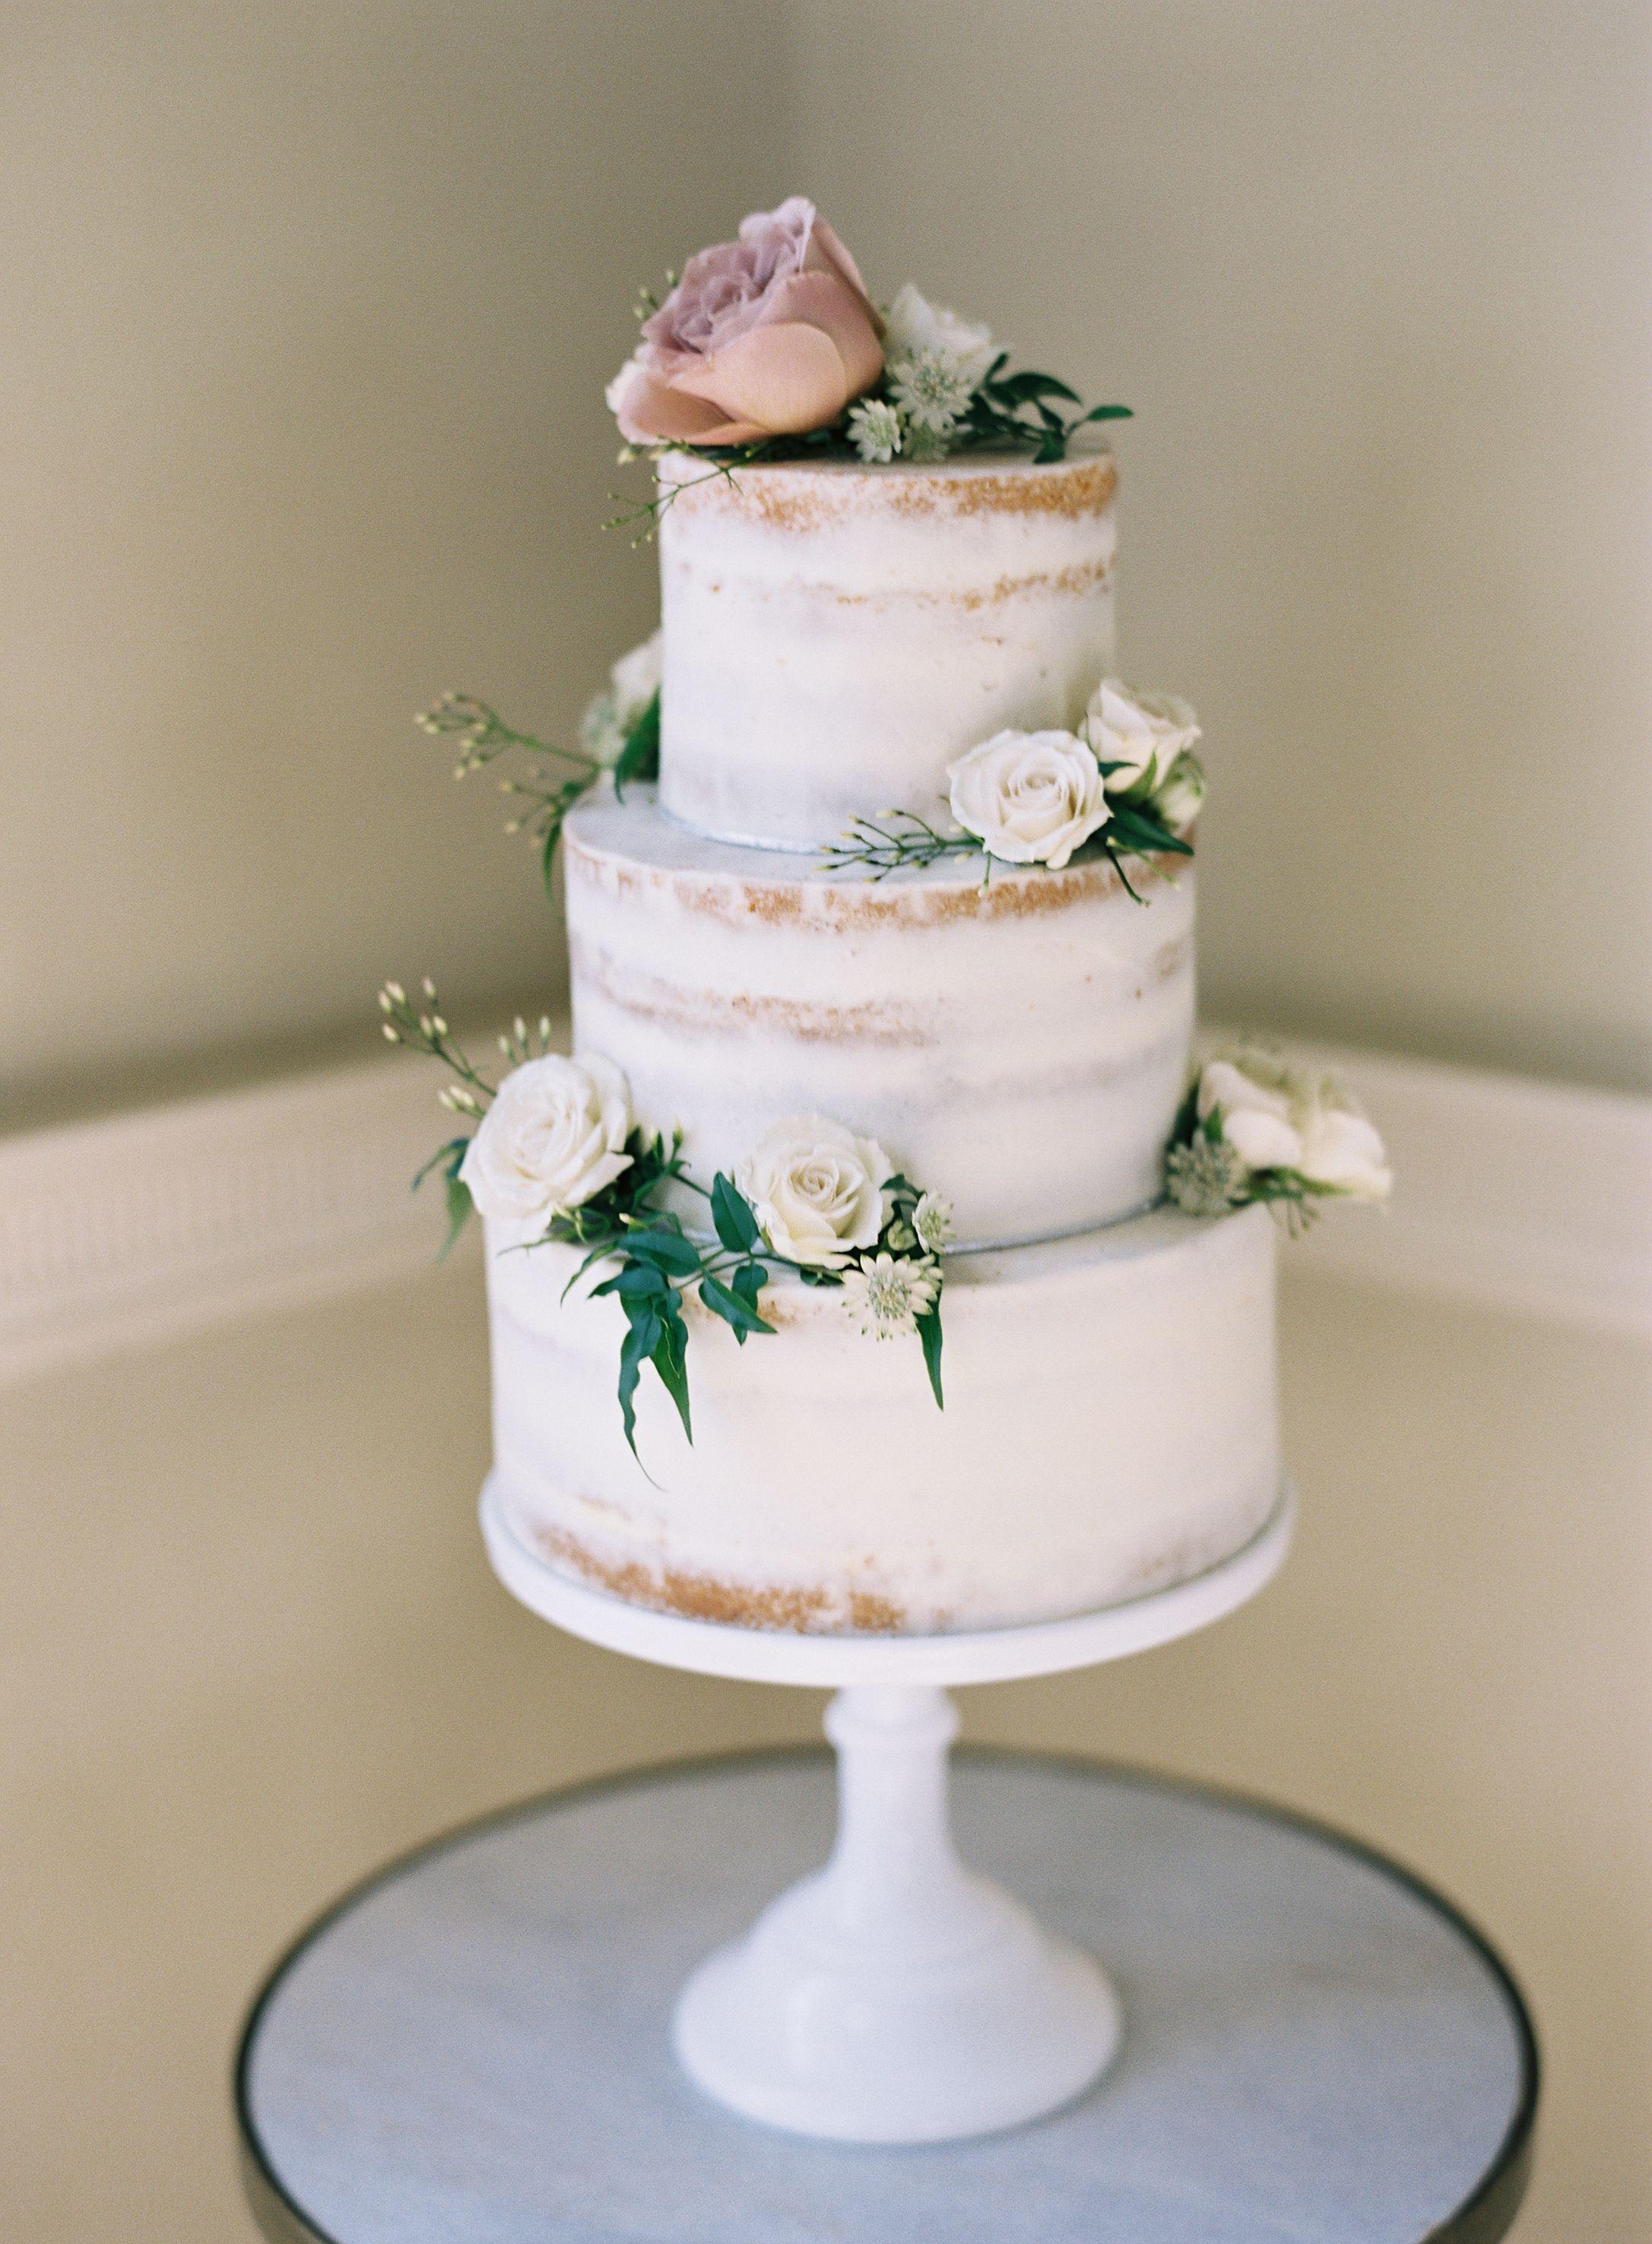 English wedding decoration ideas  An English Estate Wedding Anchored In Minimalist Design  Wedding